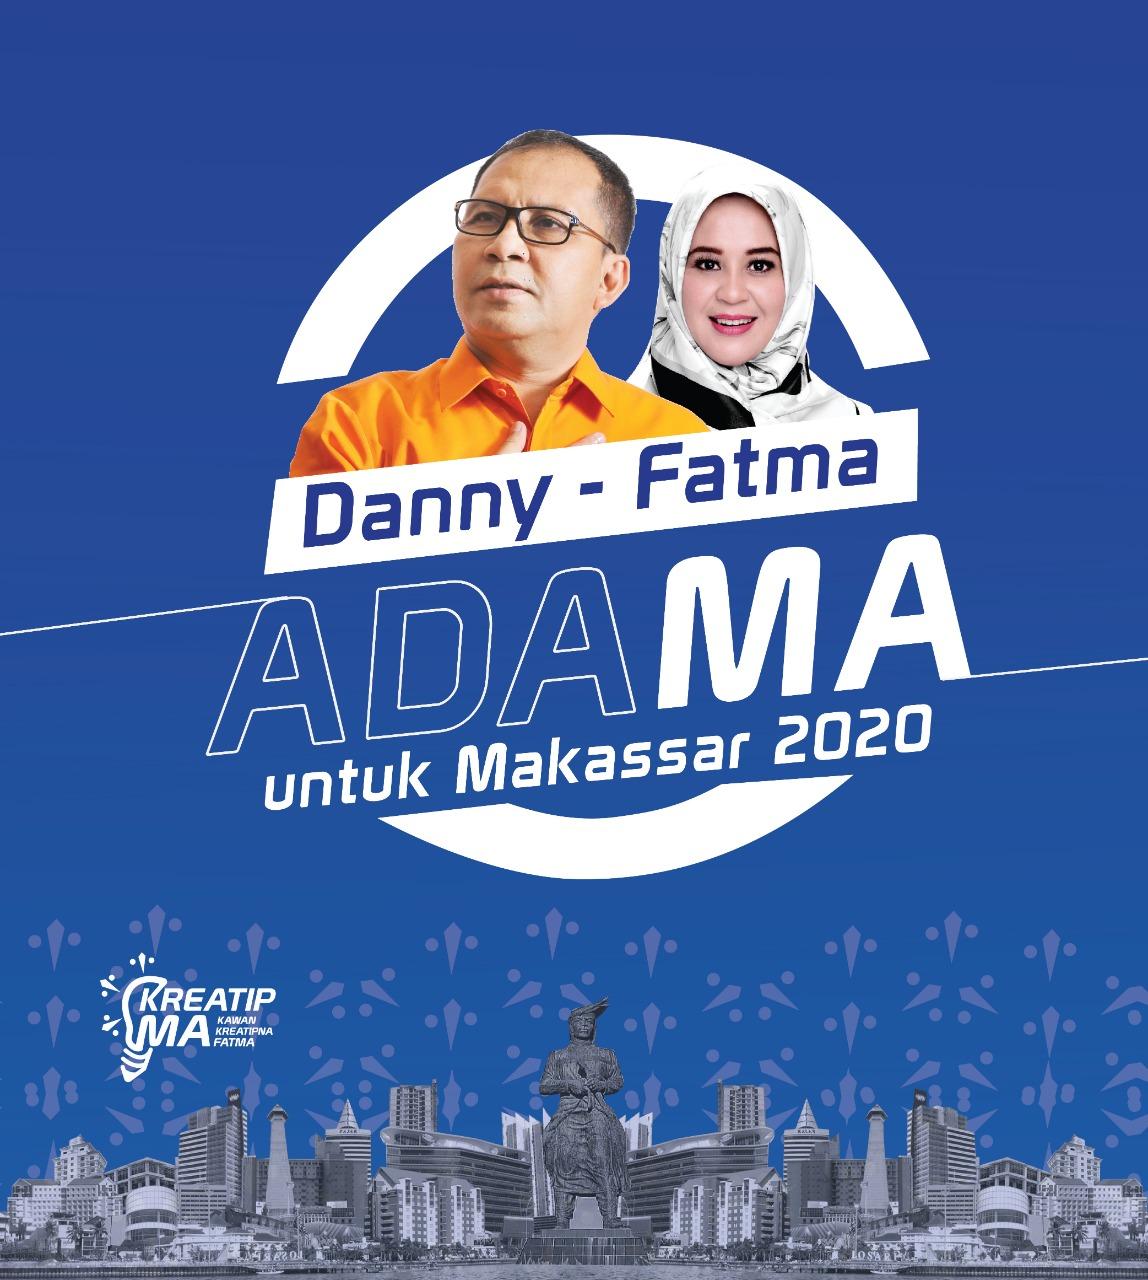 Strategi Pemenangan Danny-Fatma Semakin Mantap